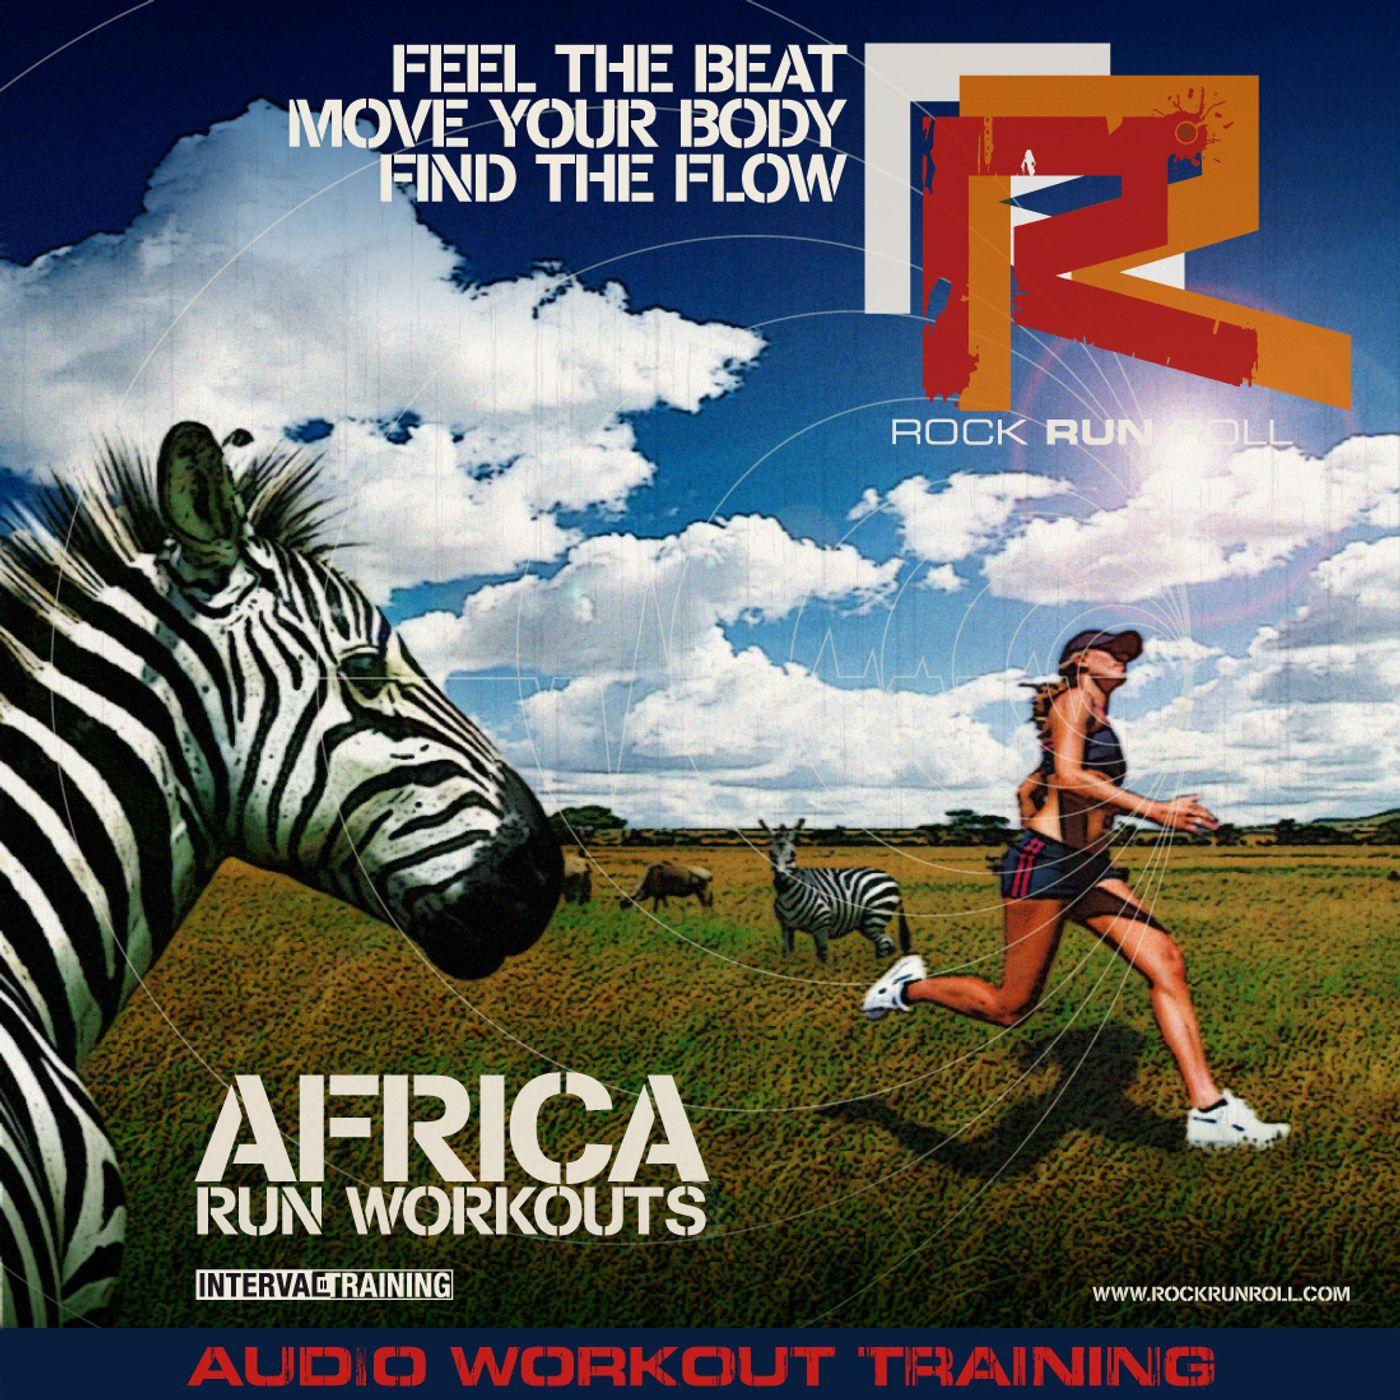 Episodio 37 - SFIDE PER RUNNERS - AFRICA RUN WORKOUT - oggi corriamo 40 minuti in Africa. 7 sessioni a tutto GAS!